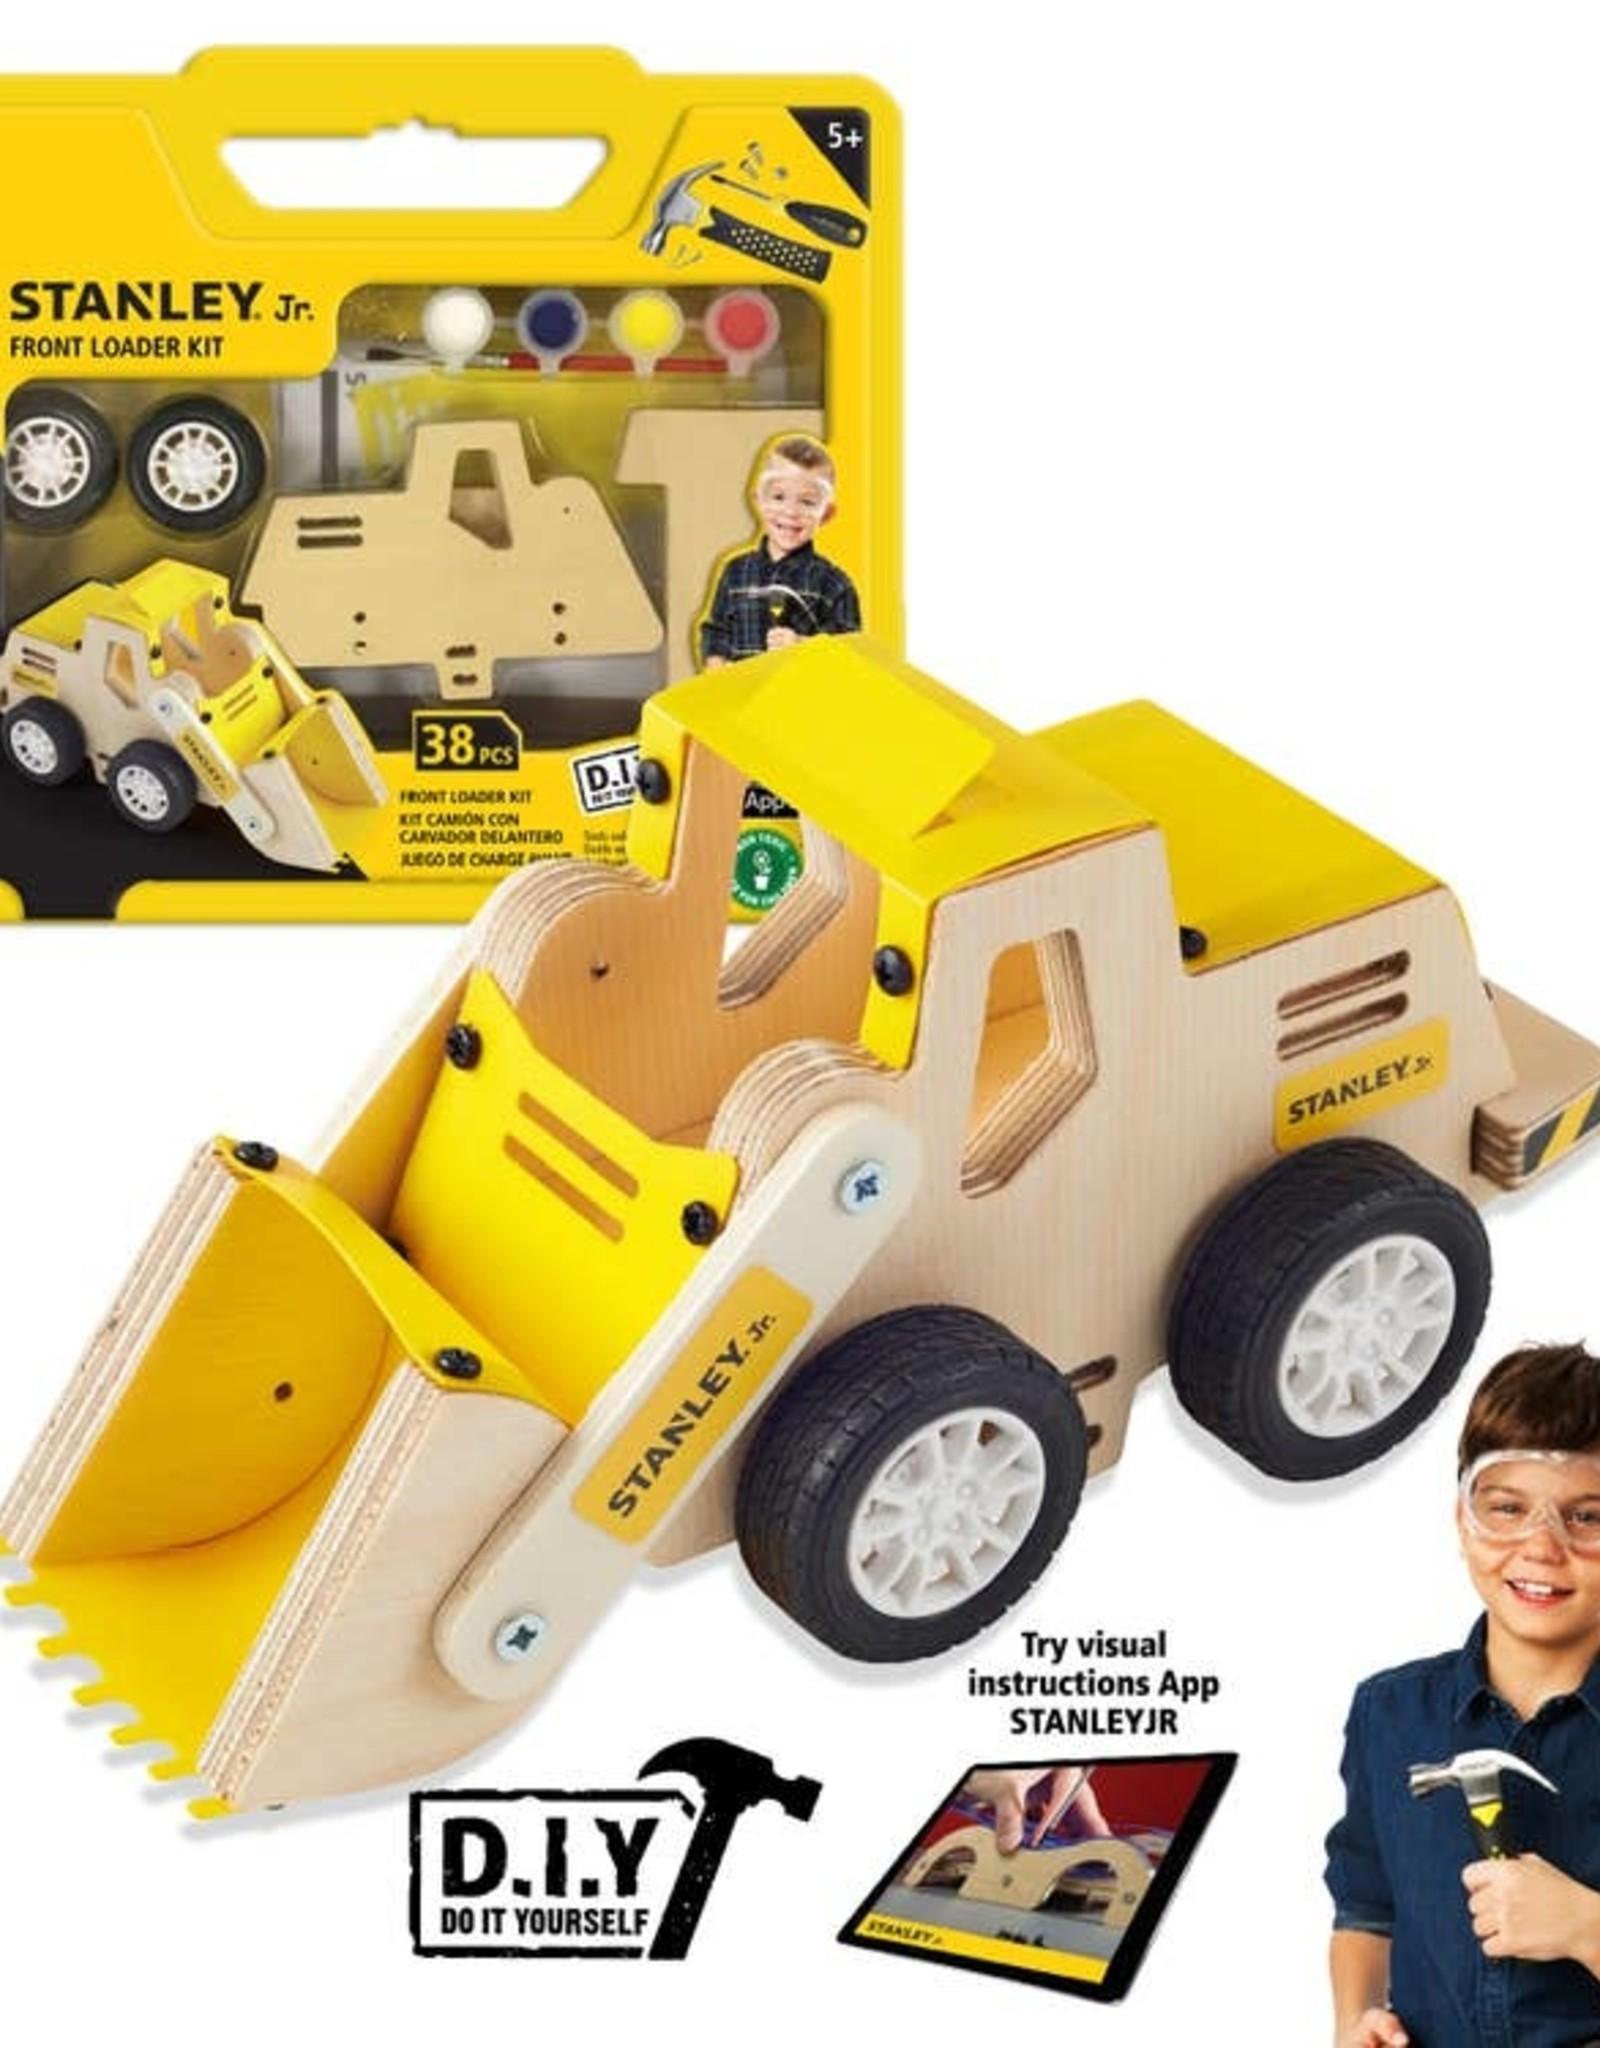 Stanley Jr Front Loader Kit